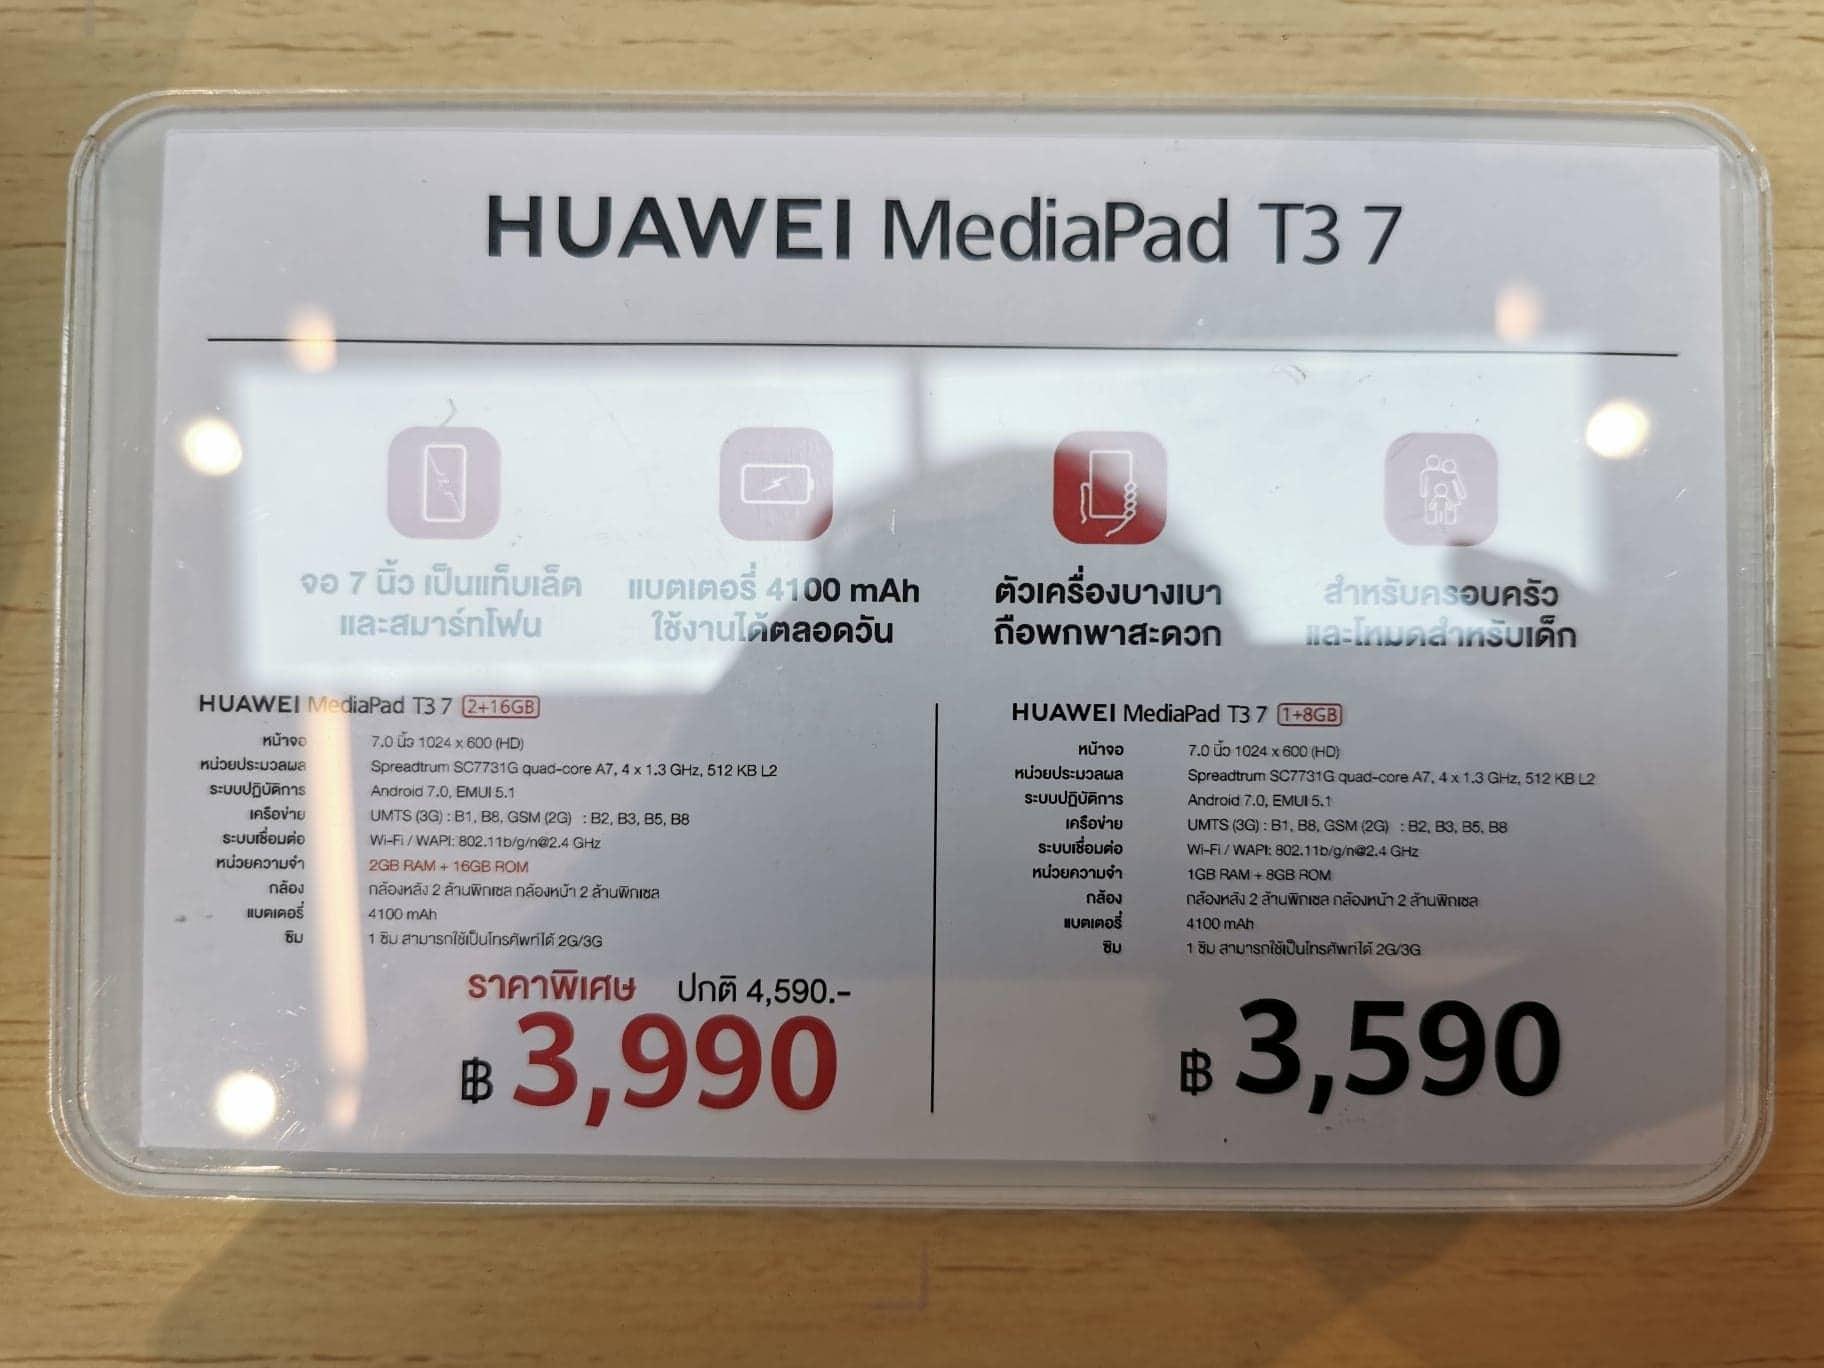 พาไปดูโปรโมชั่นสัปดาห์ที่ 2 กับแคมเปญ HUAWEI Grand Sale 2019 รับสิทธิ์ 3 ต่อ มือถือและแท็บเล็ตรุ่นดัง 5